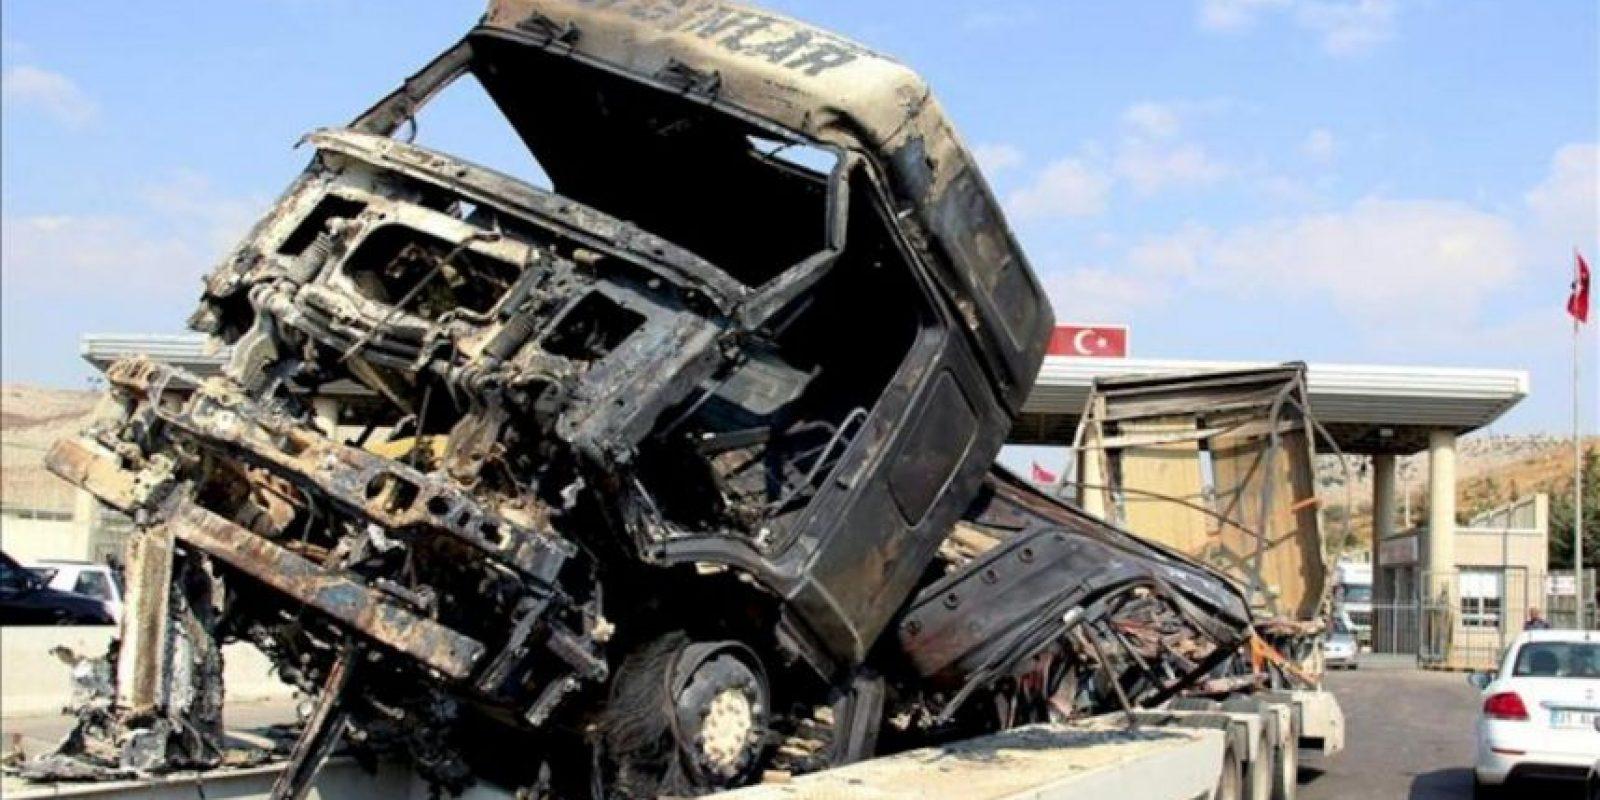 Imagen tomada el 24 de julio en el puesto fronterizo de Reyhanli (Turquía-Siria) de un vehículo de carga que transporta a un camión turco, destruido durante los combates en el noroeste de Siria. EFE